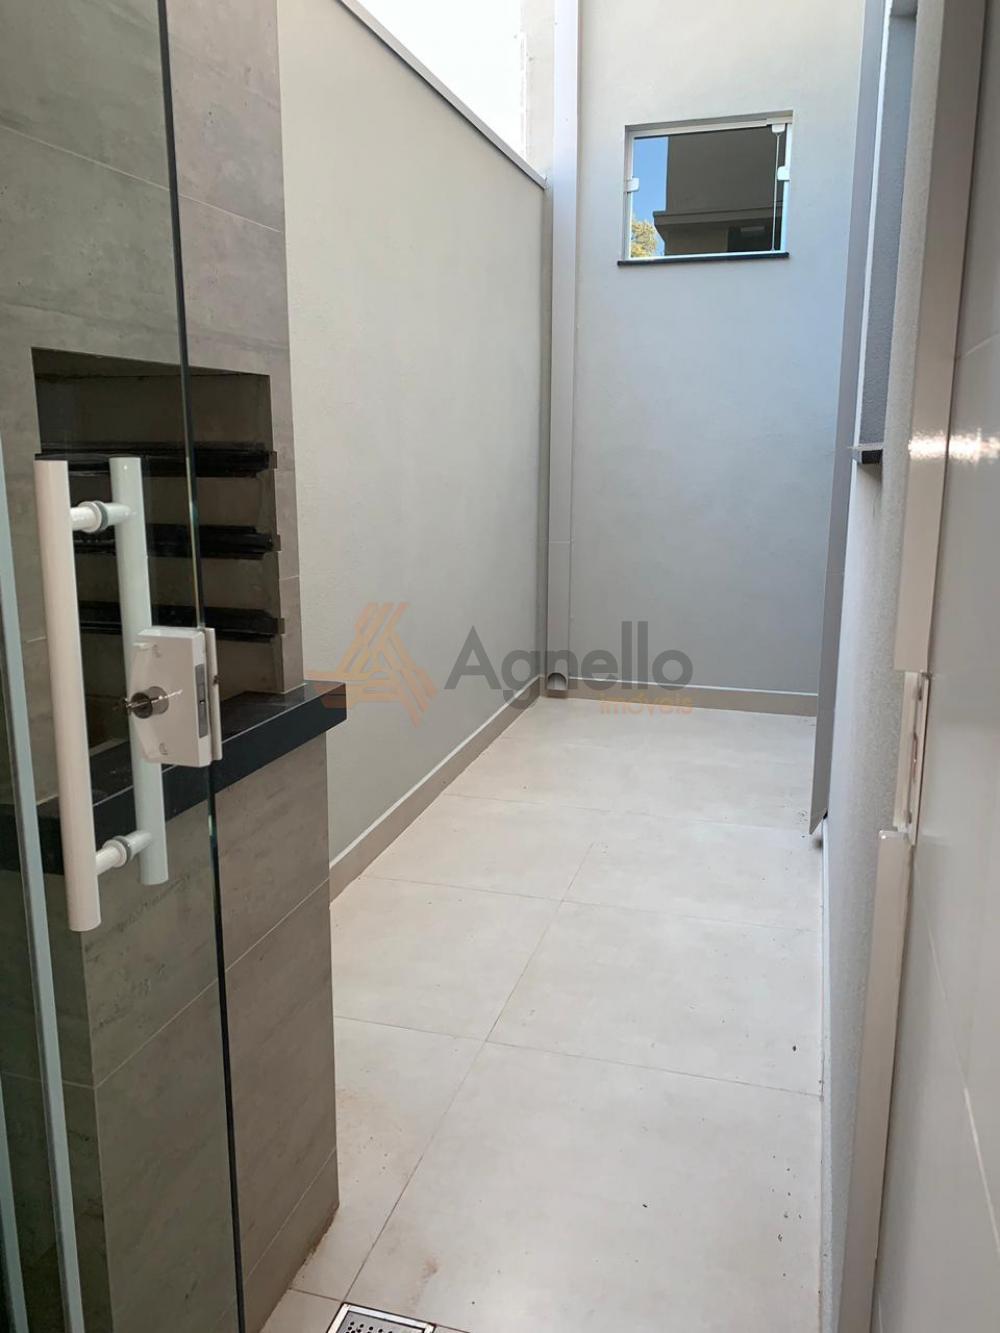 Comprar Apartamento / Padrão em Franca apenas R$ 230.000,00 - Foto 4